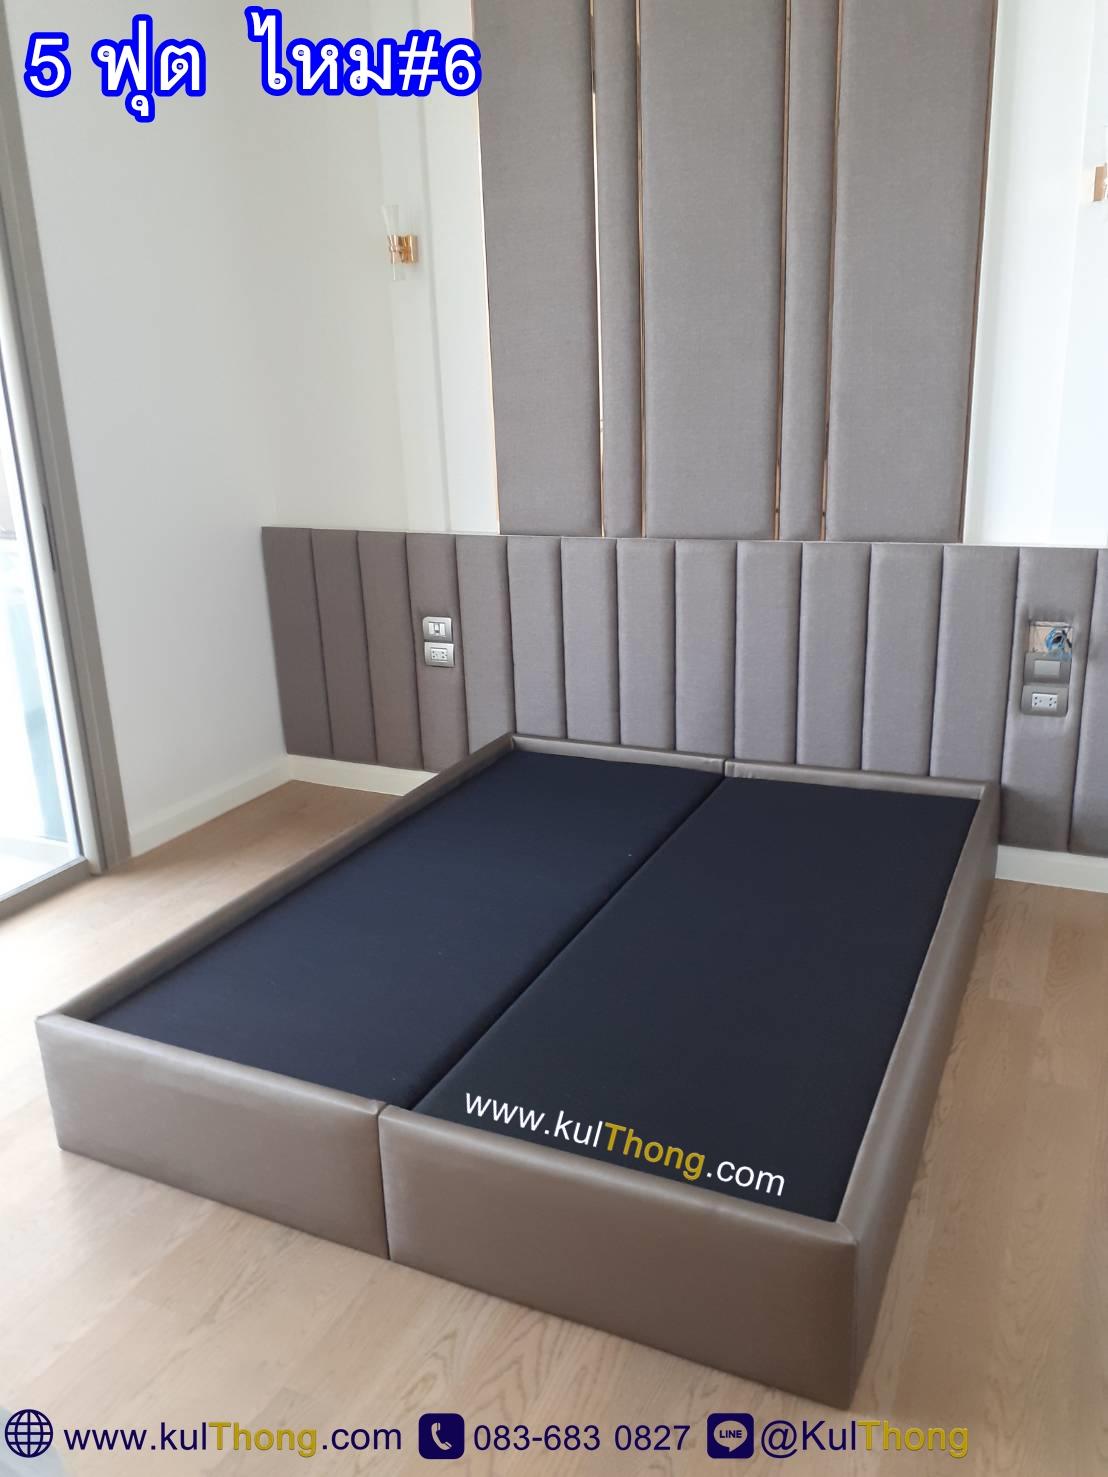 ฐานรองที่นอน เตียงหุ้มหนัง เตียงบล๊อก เตียงดีไซน์